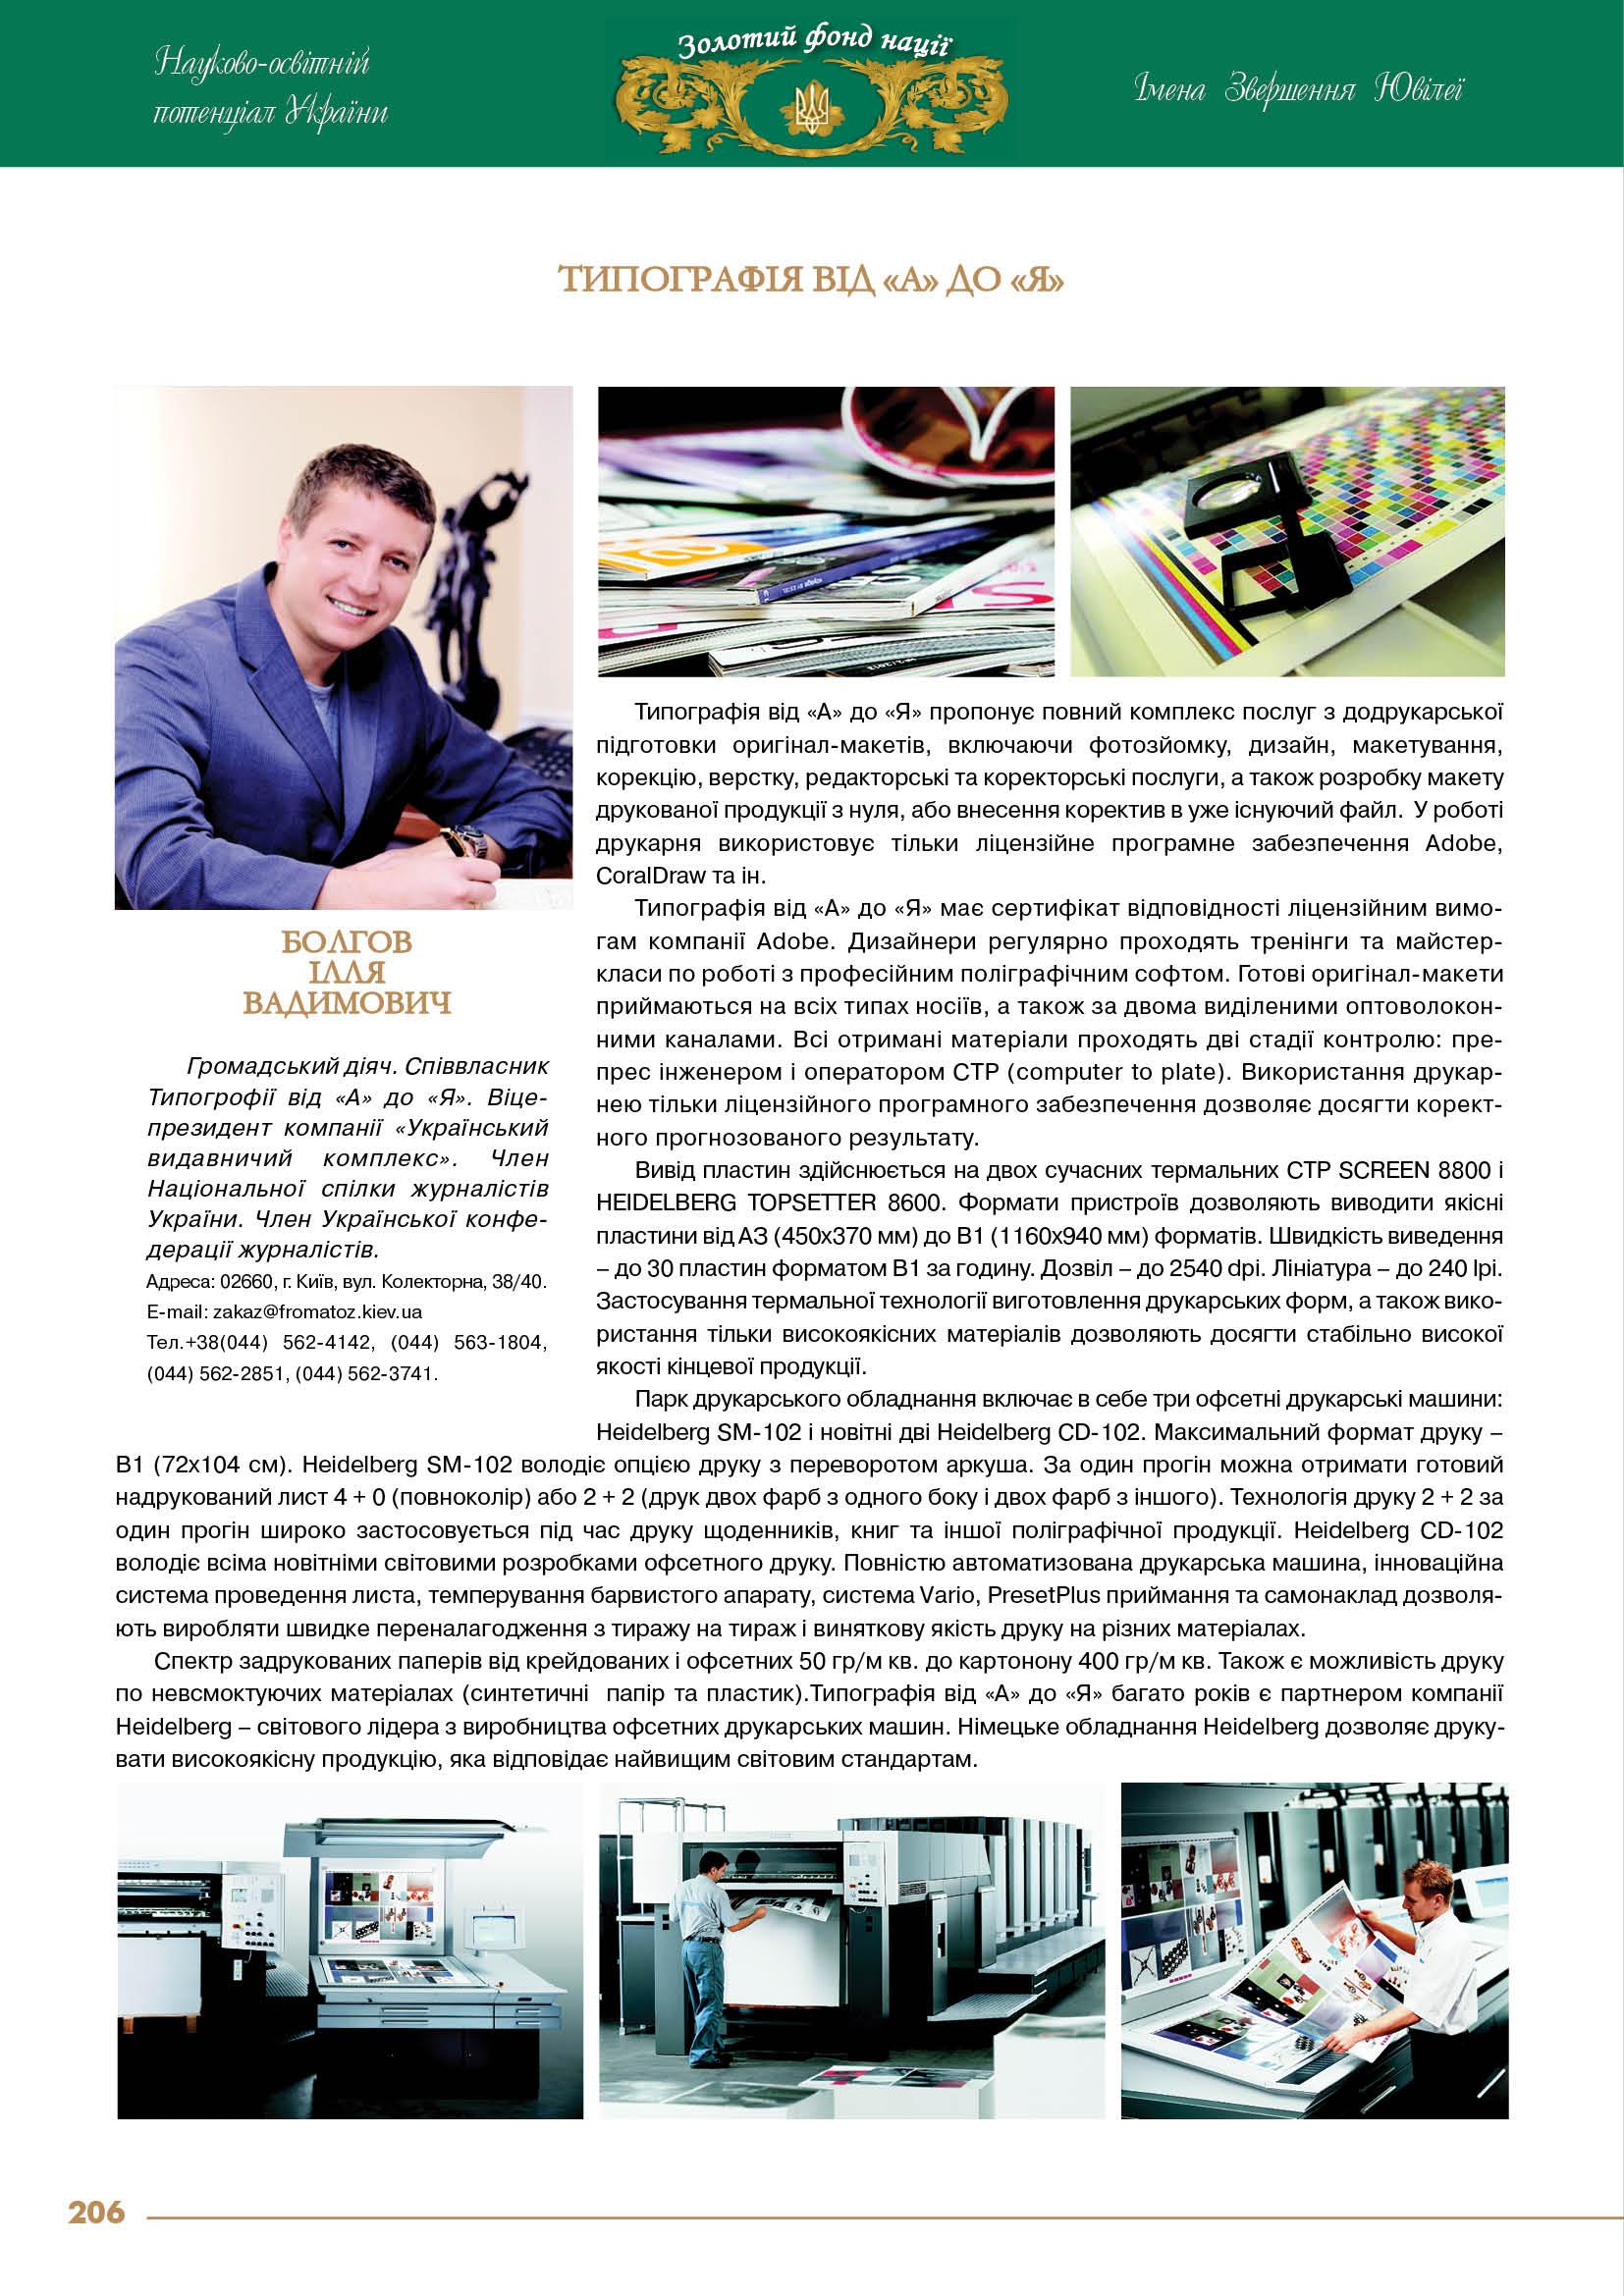 Типографія від «А» до «Я» - Співвласник Болгов Ілля Вадимович